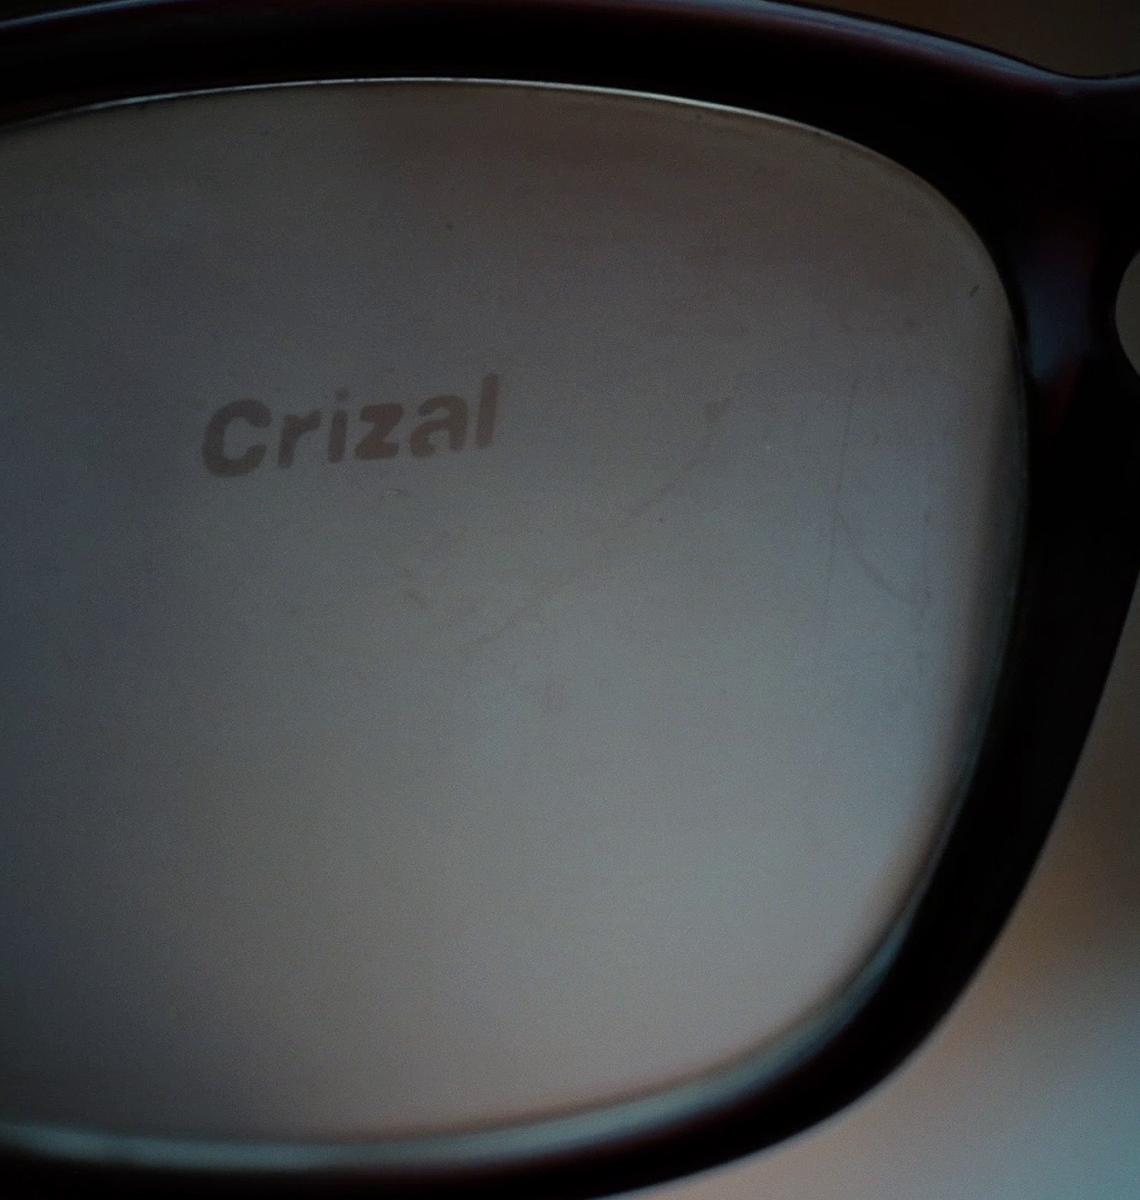 Aceitamos Crizal